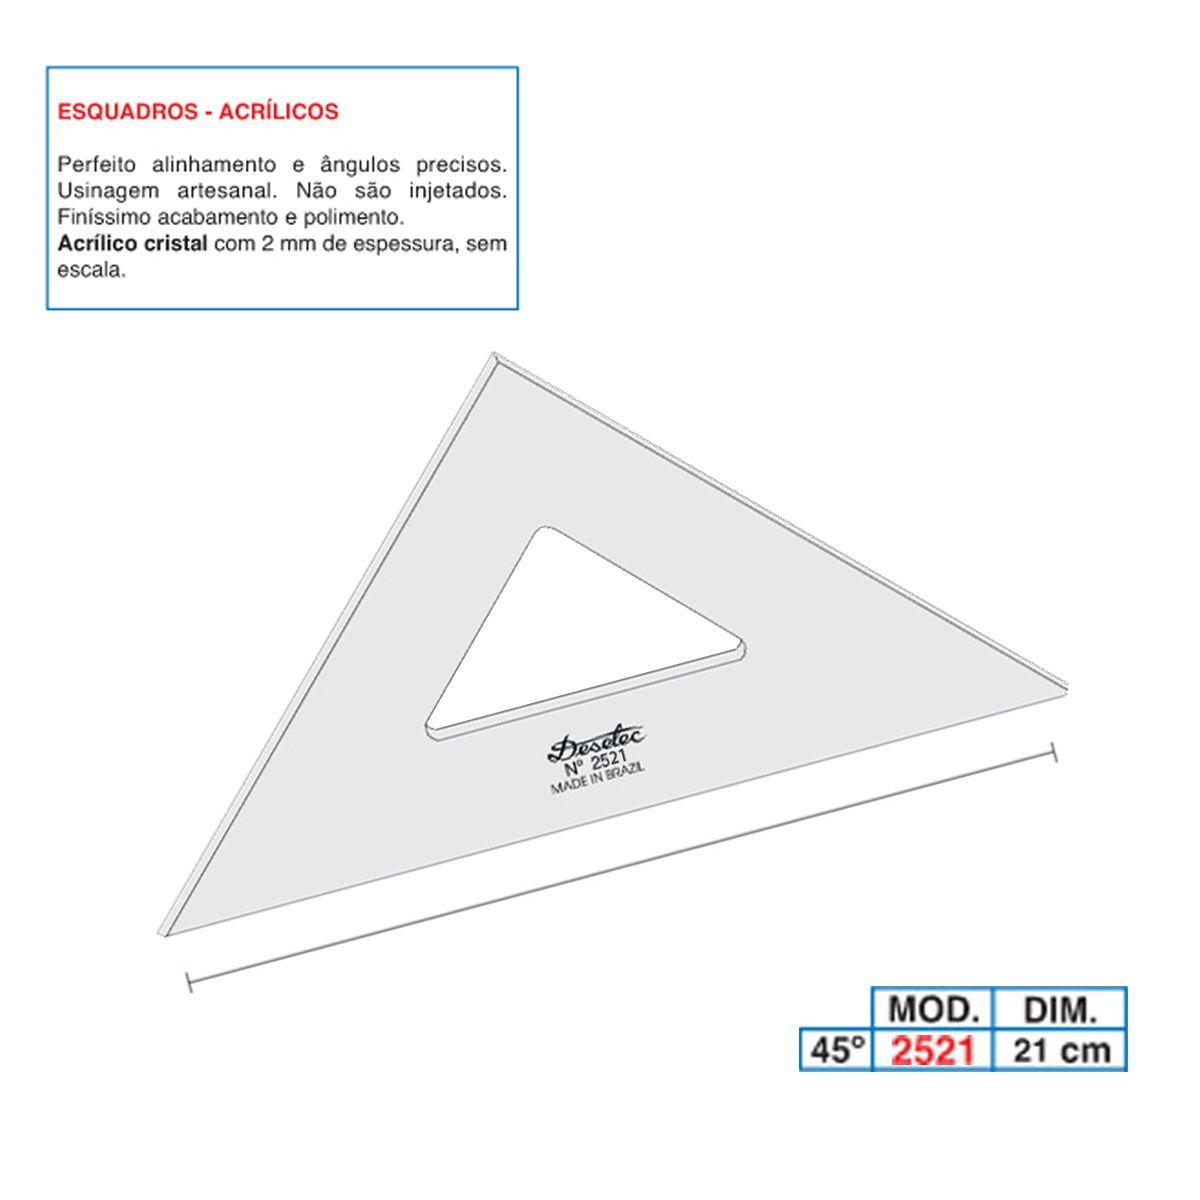 Esquadro de Acrílico Trident 21cm - sem Escala - Ref.2521